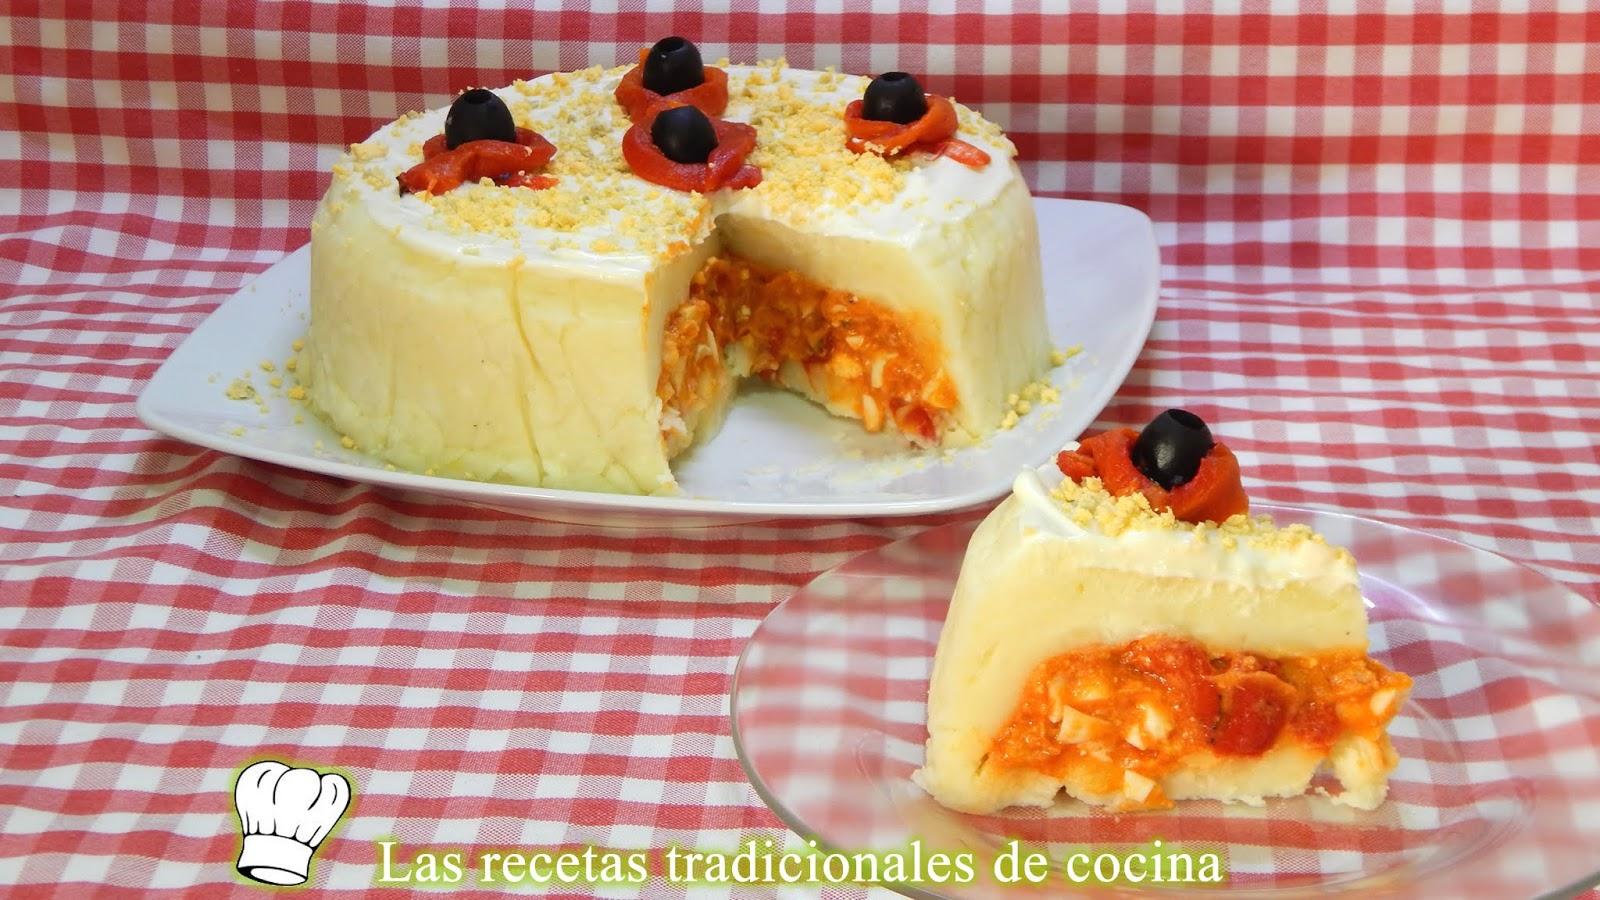 Receta Fácil Y Económica De Pastel Frío De Patatas